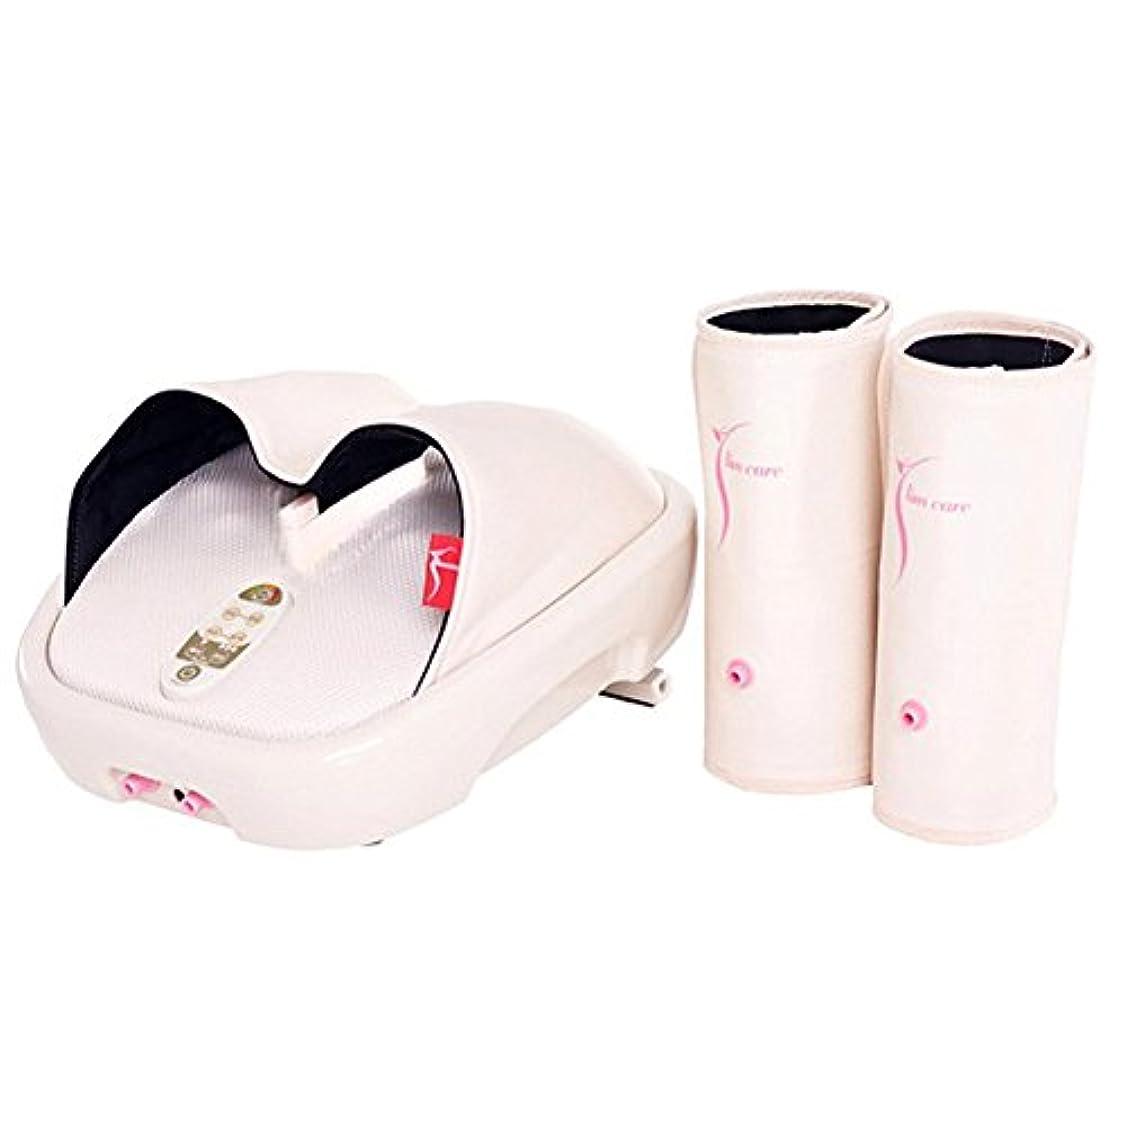 ライセンス化学者スチールHanil 532 Y-Liner HIL-9000F Air Compression Heating Foot Massager with Calf Cuff ハニール532 YライナーHILL-9000Fエアコンプレッションヒートフットマッサージャー、カーフカフス [並行輸入]